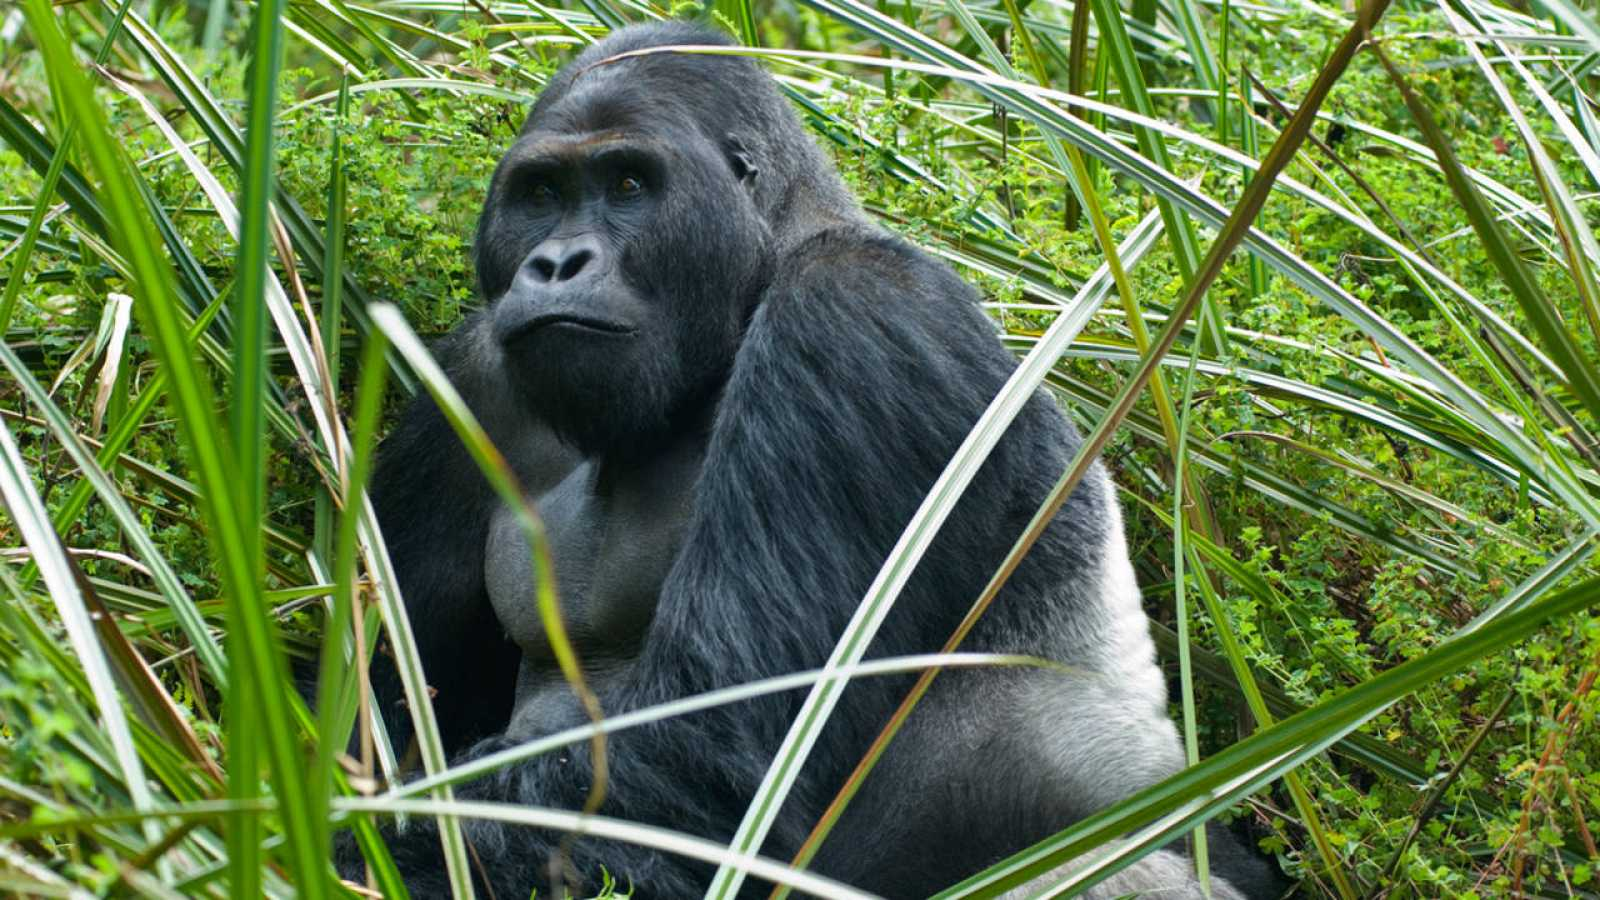 18e1208b4bd5 El gorila de Grauer es el primate más grande del mundo y vive sólo en el